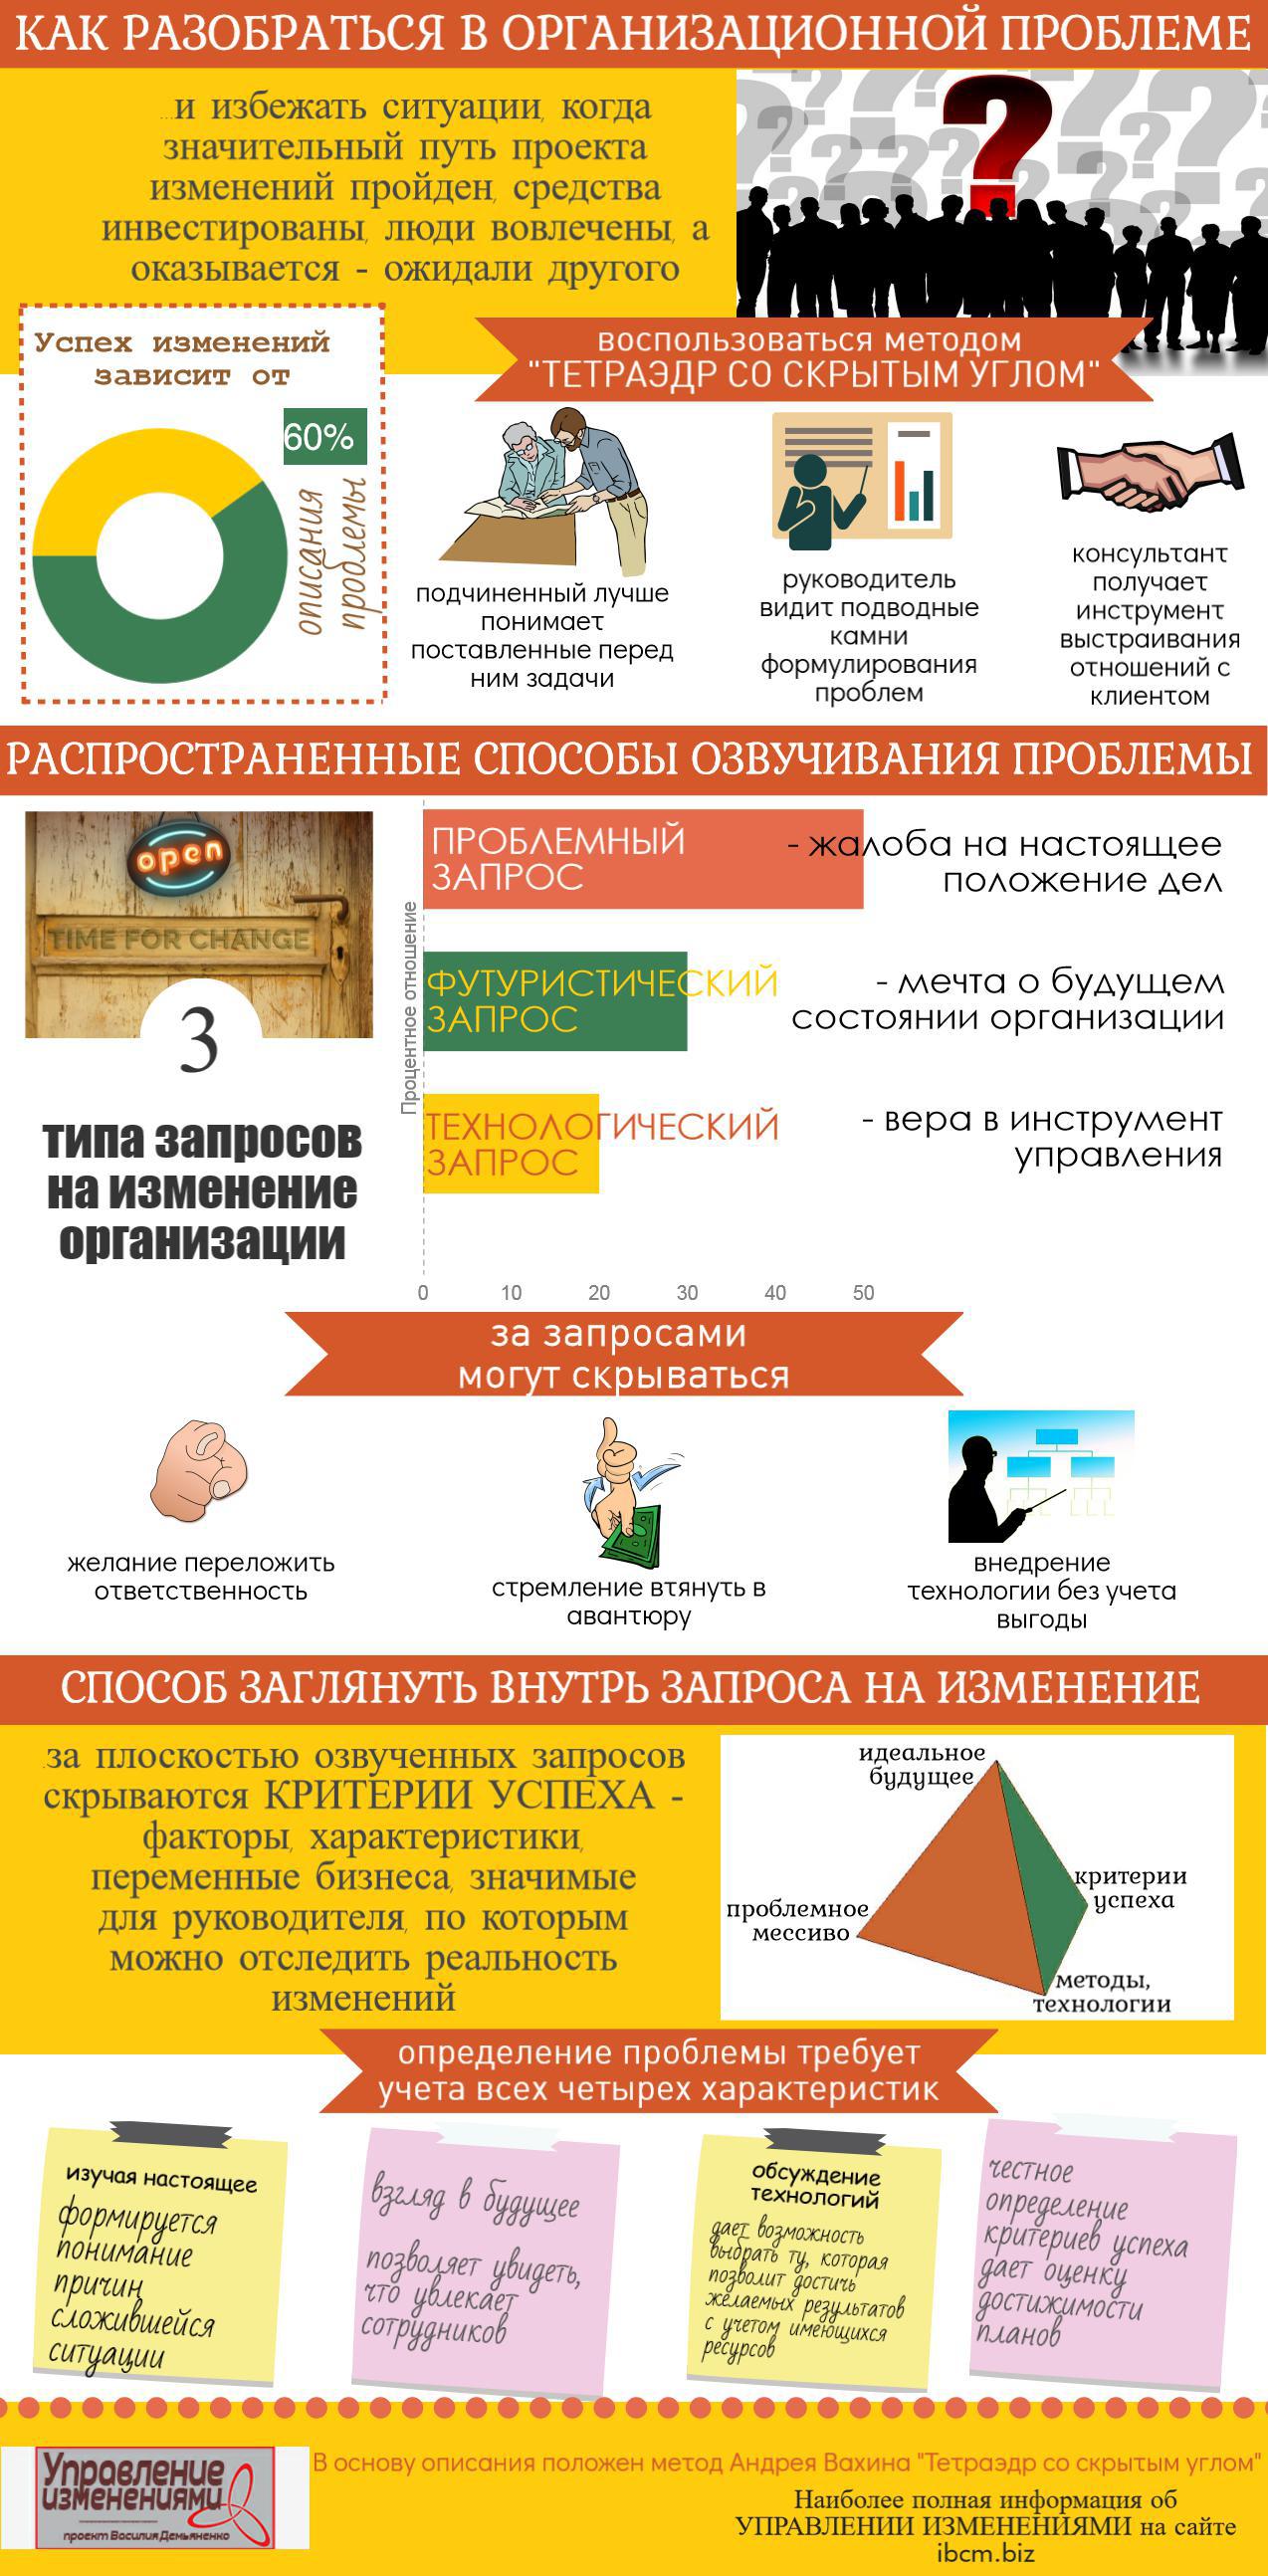 Инфографика КАК РАЗОБРАТЬСЯ В ОРГАНИЗАЦИОННОЙ ПРОБЛЕМЕ и не погрязнуть в изменениях